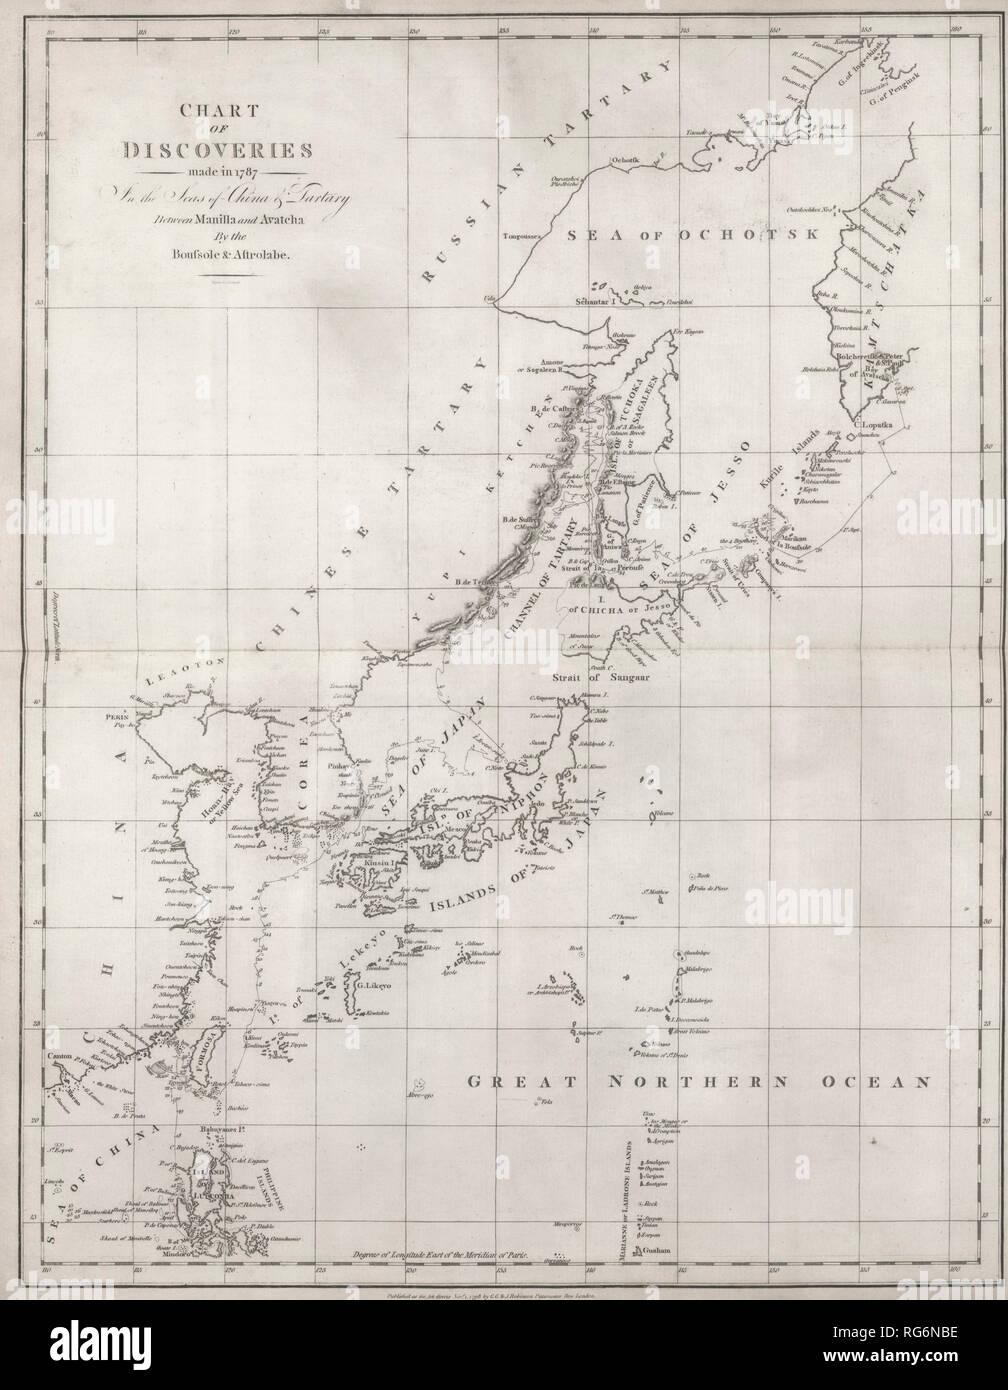 Grafico di scoperte - scoperte fatte nel 1787 nei mari della Cina e Tartary fra Manila e Avacha - La Perouse Immagini Stock